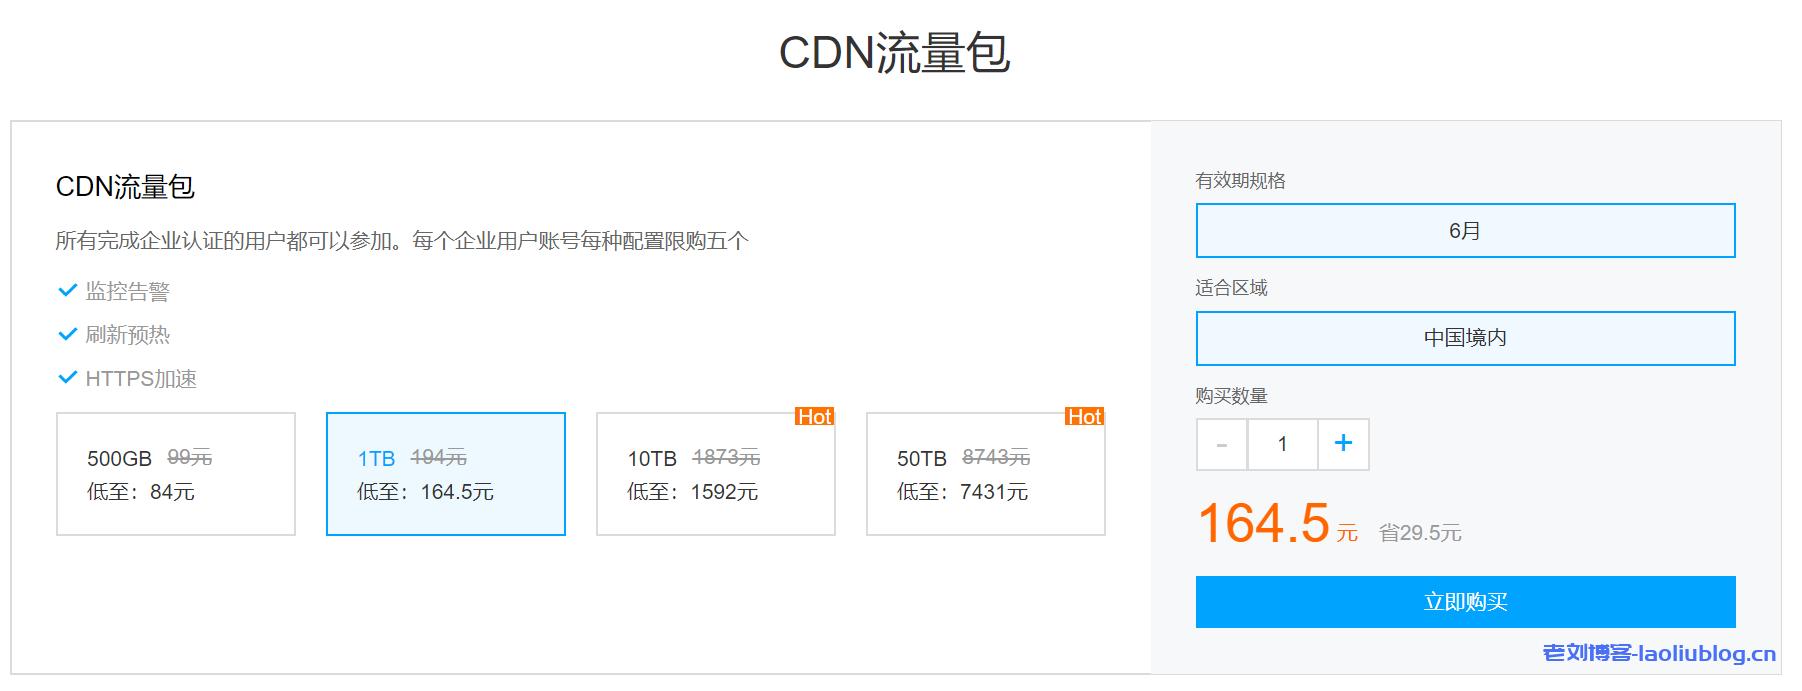 腾讯云企业上云特惠1TB中国境内CDN流量包164.5元